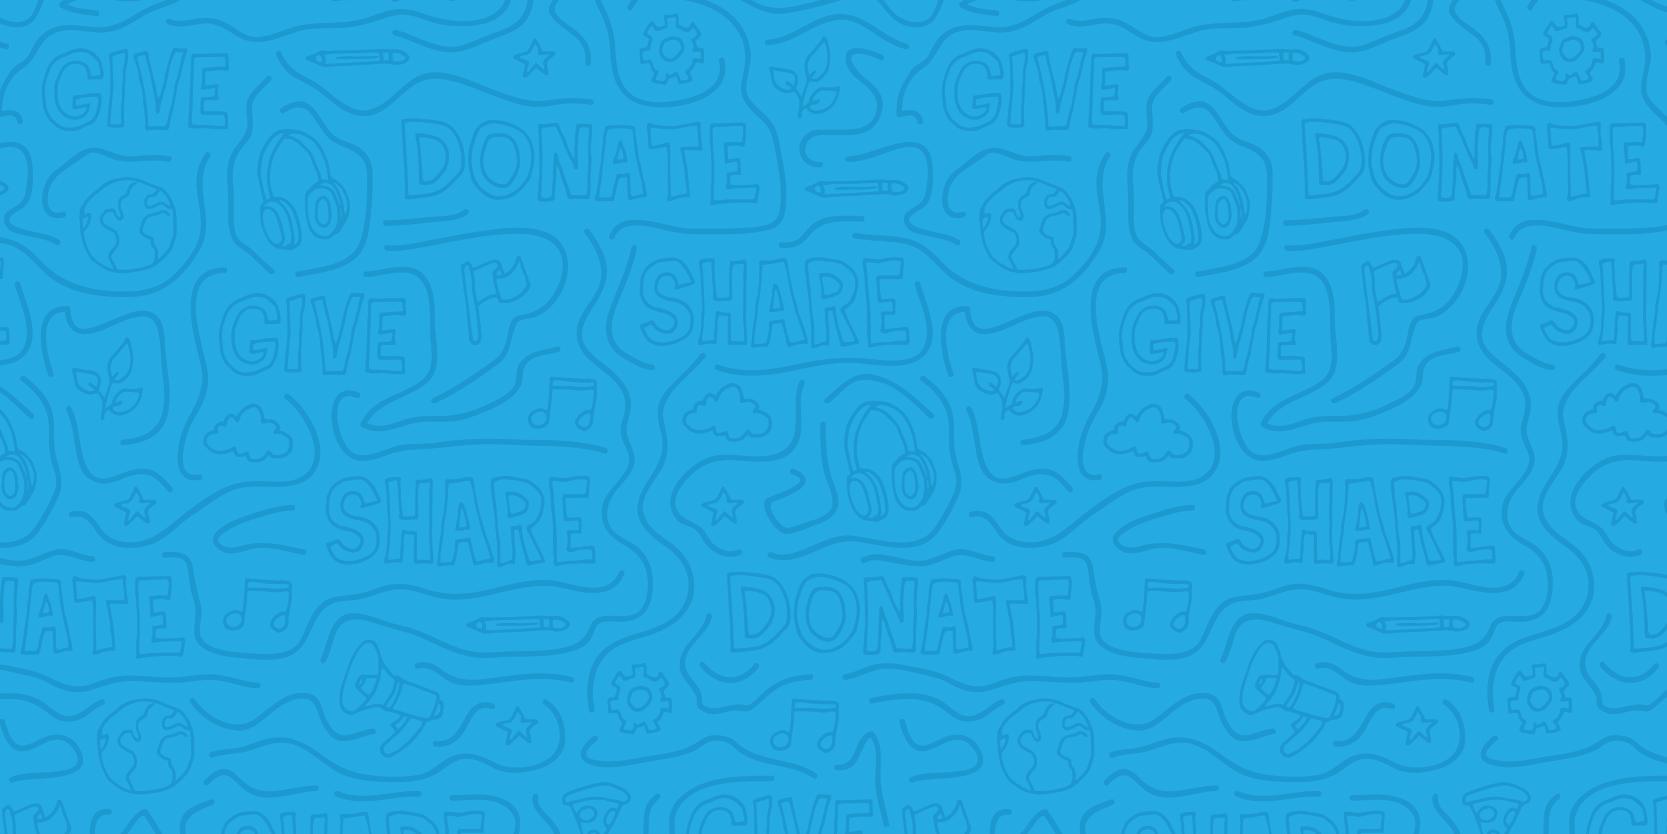 River 2-Day Sharathon | Keep Hope Alive